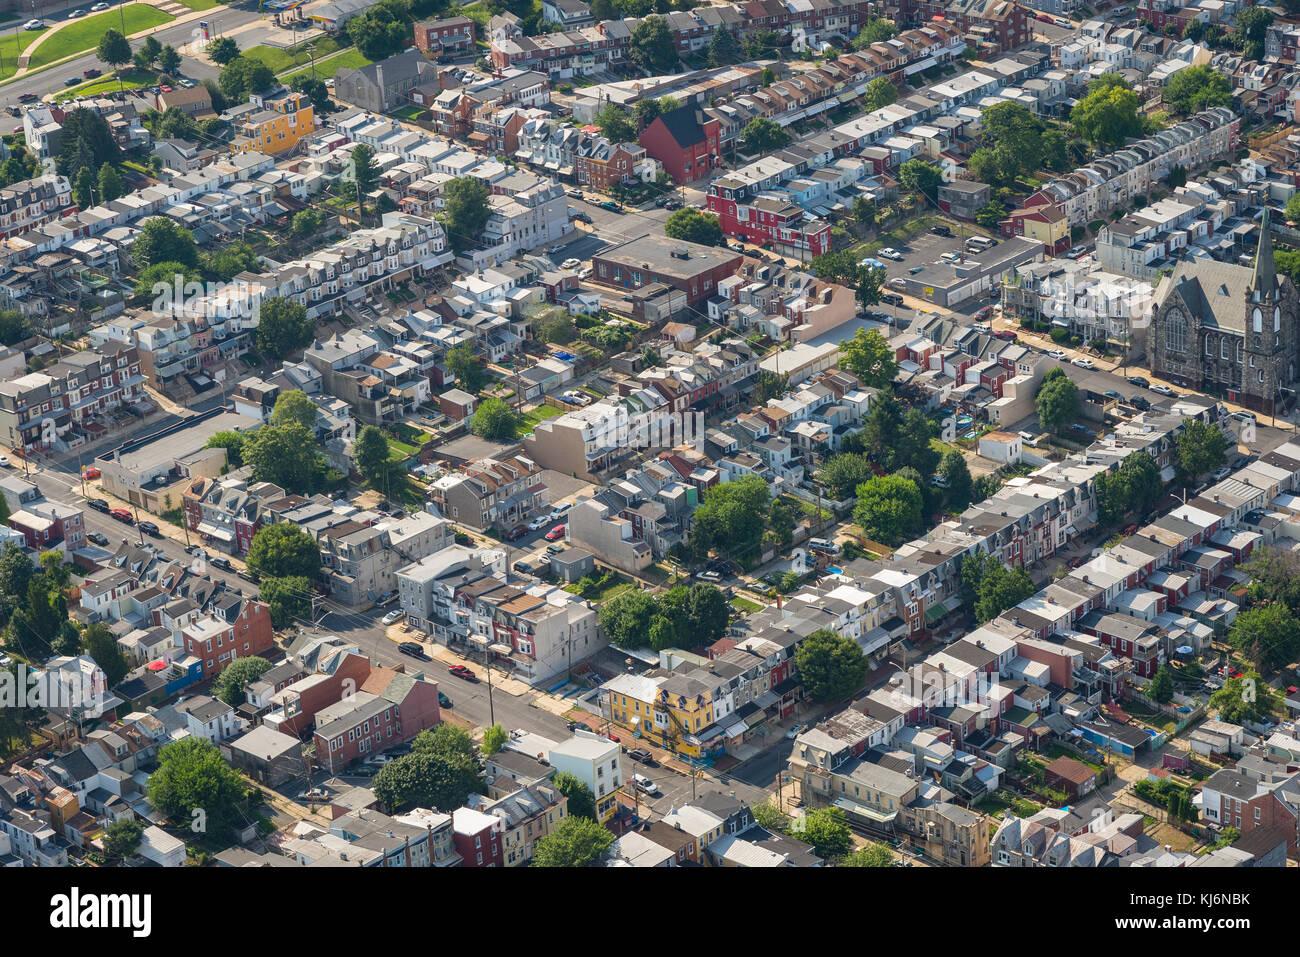 Luftaufnahme der Stadt Nachbarschaft Stockbild